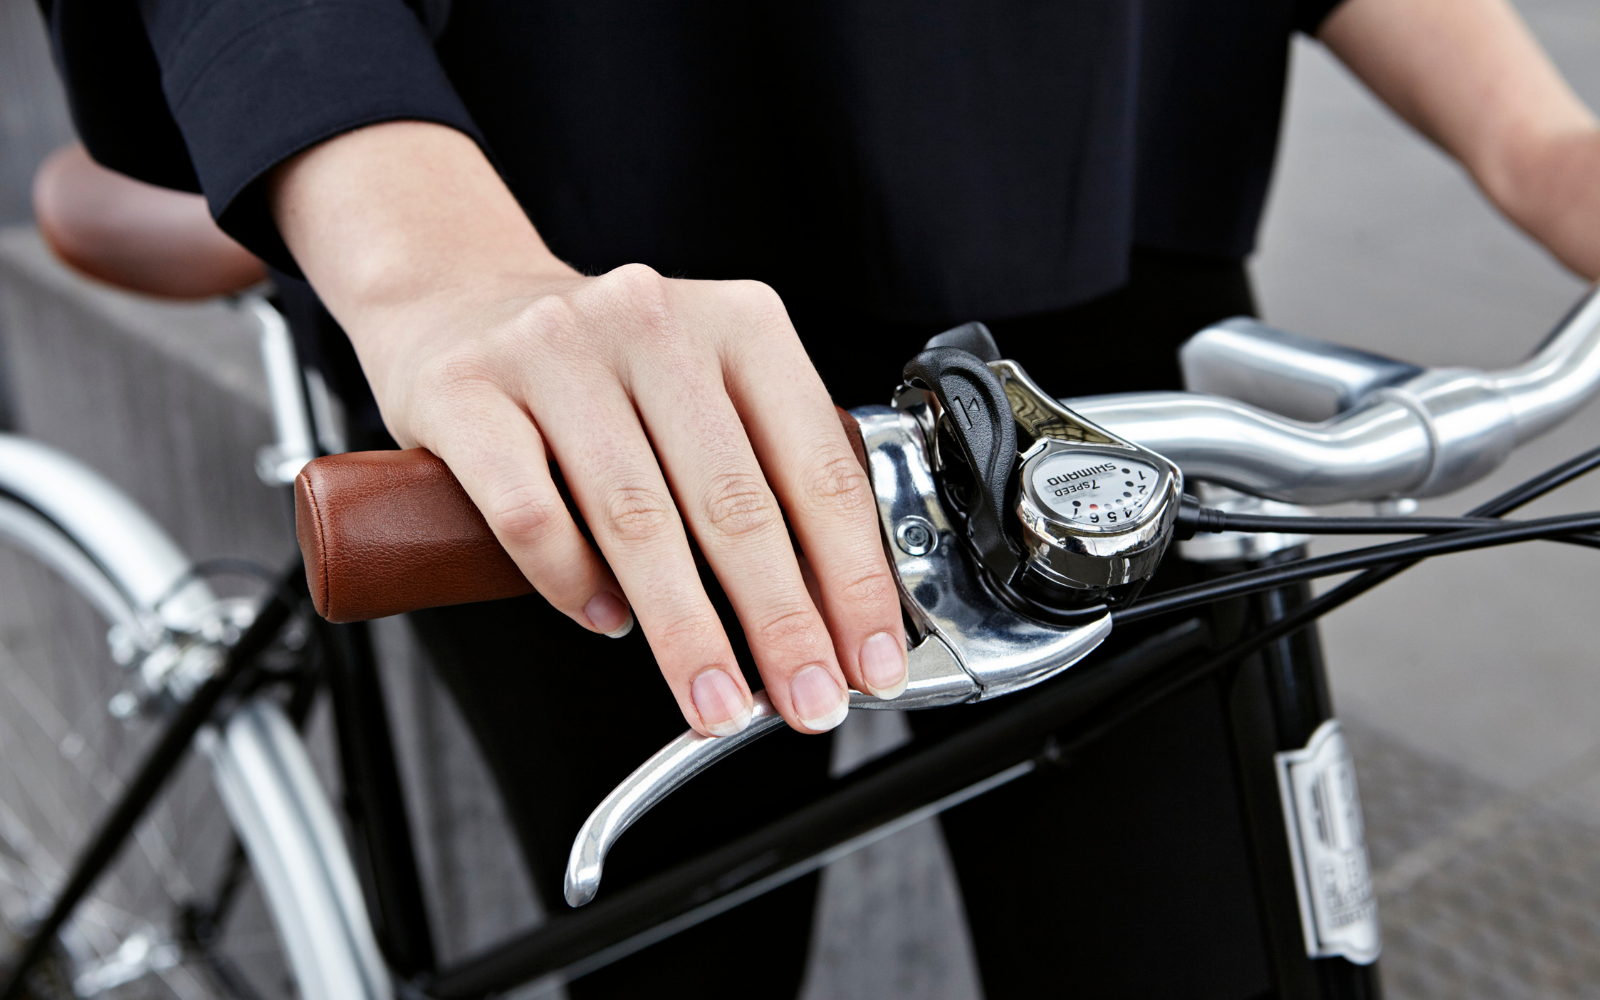 20 11 - Reid ® - Ladies Esprit 7-Speed Bike